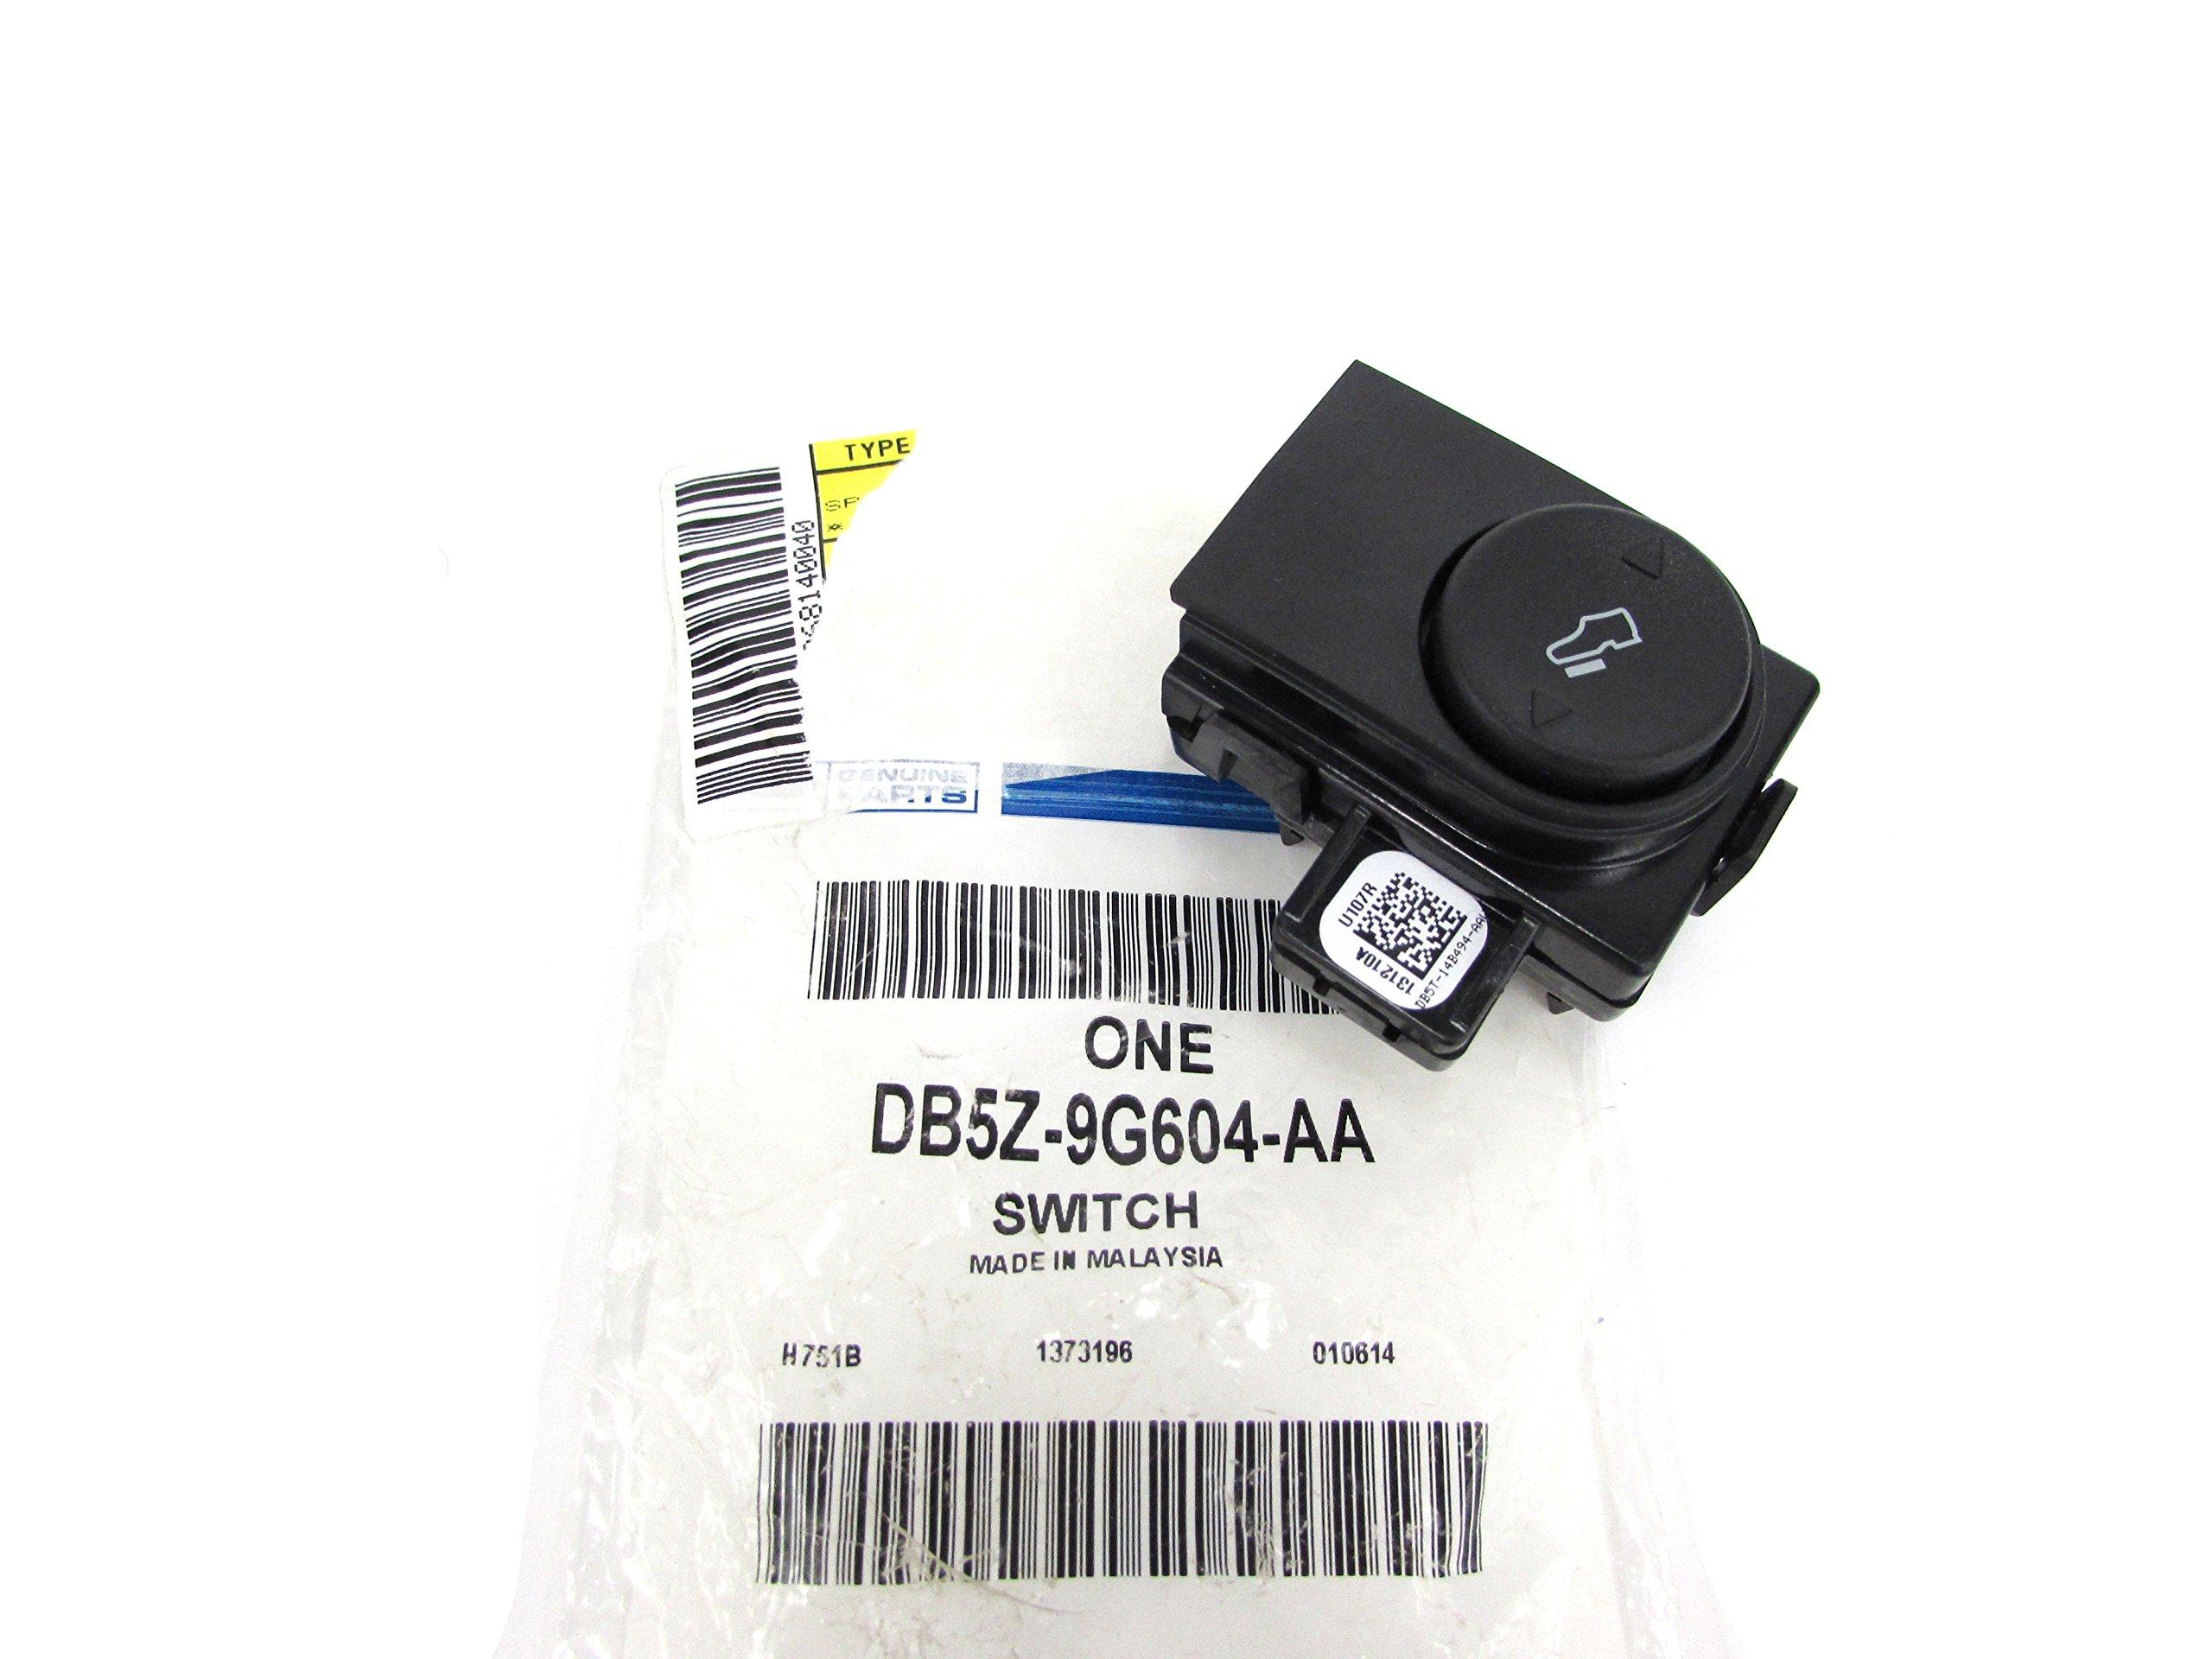 Ford F150 Super Duty Explorer Flex Taurus Brake Pedal Height Adjuster Switch OEM DB5Z-9G604-AA